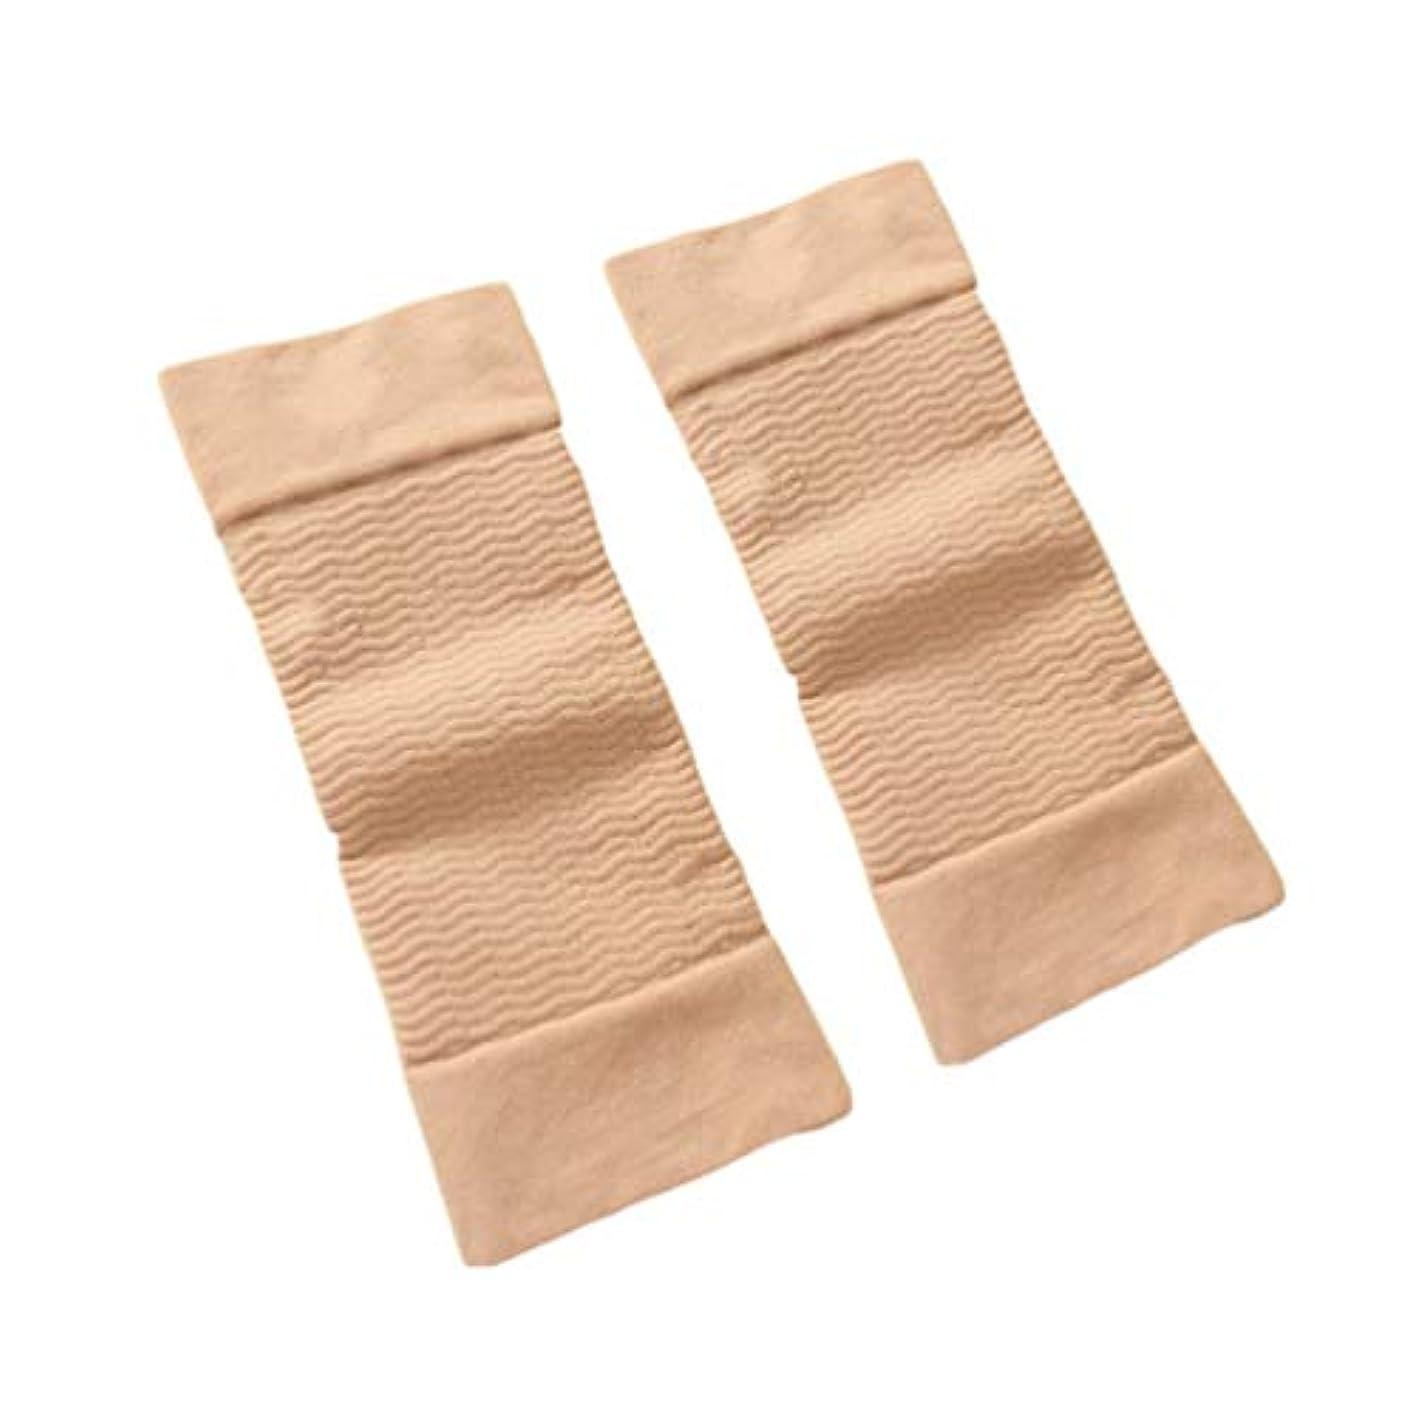 クルー再生的不正直1ペア420 D圧縮痩身アームスリーブワークアウトトーニングバーンセルライトシェイパー脂肪燃焼袖用女性 - 肌色